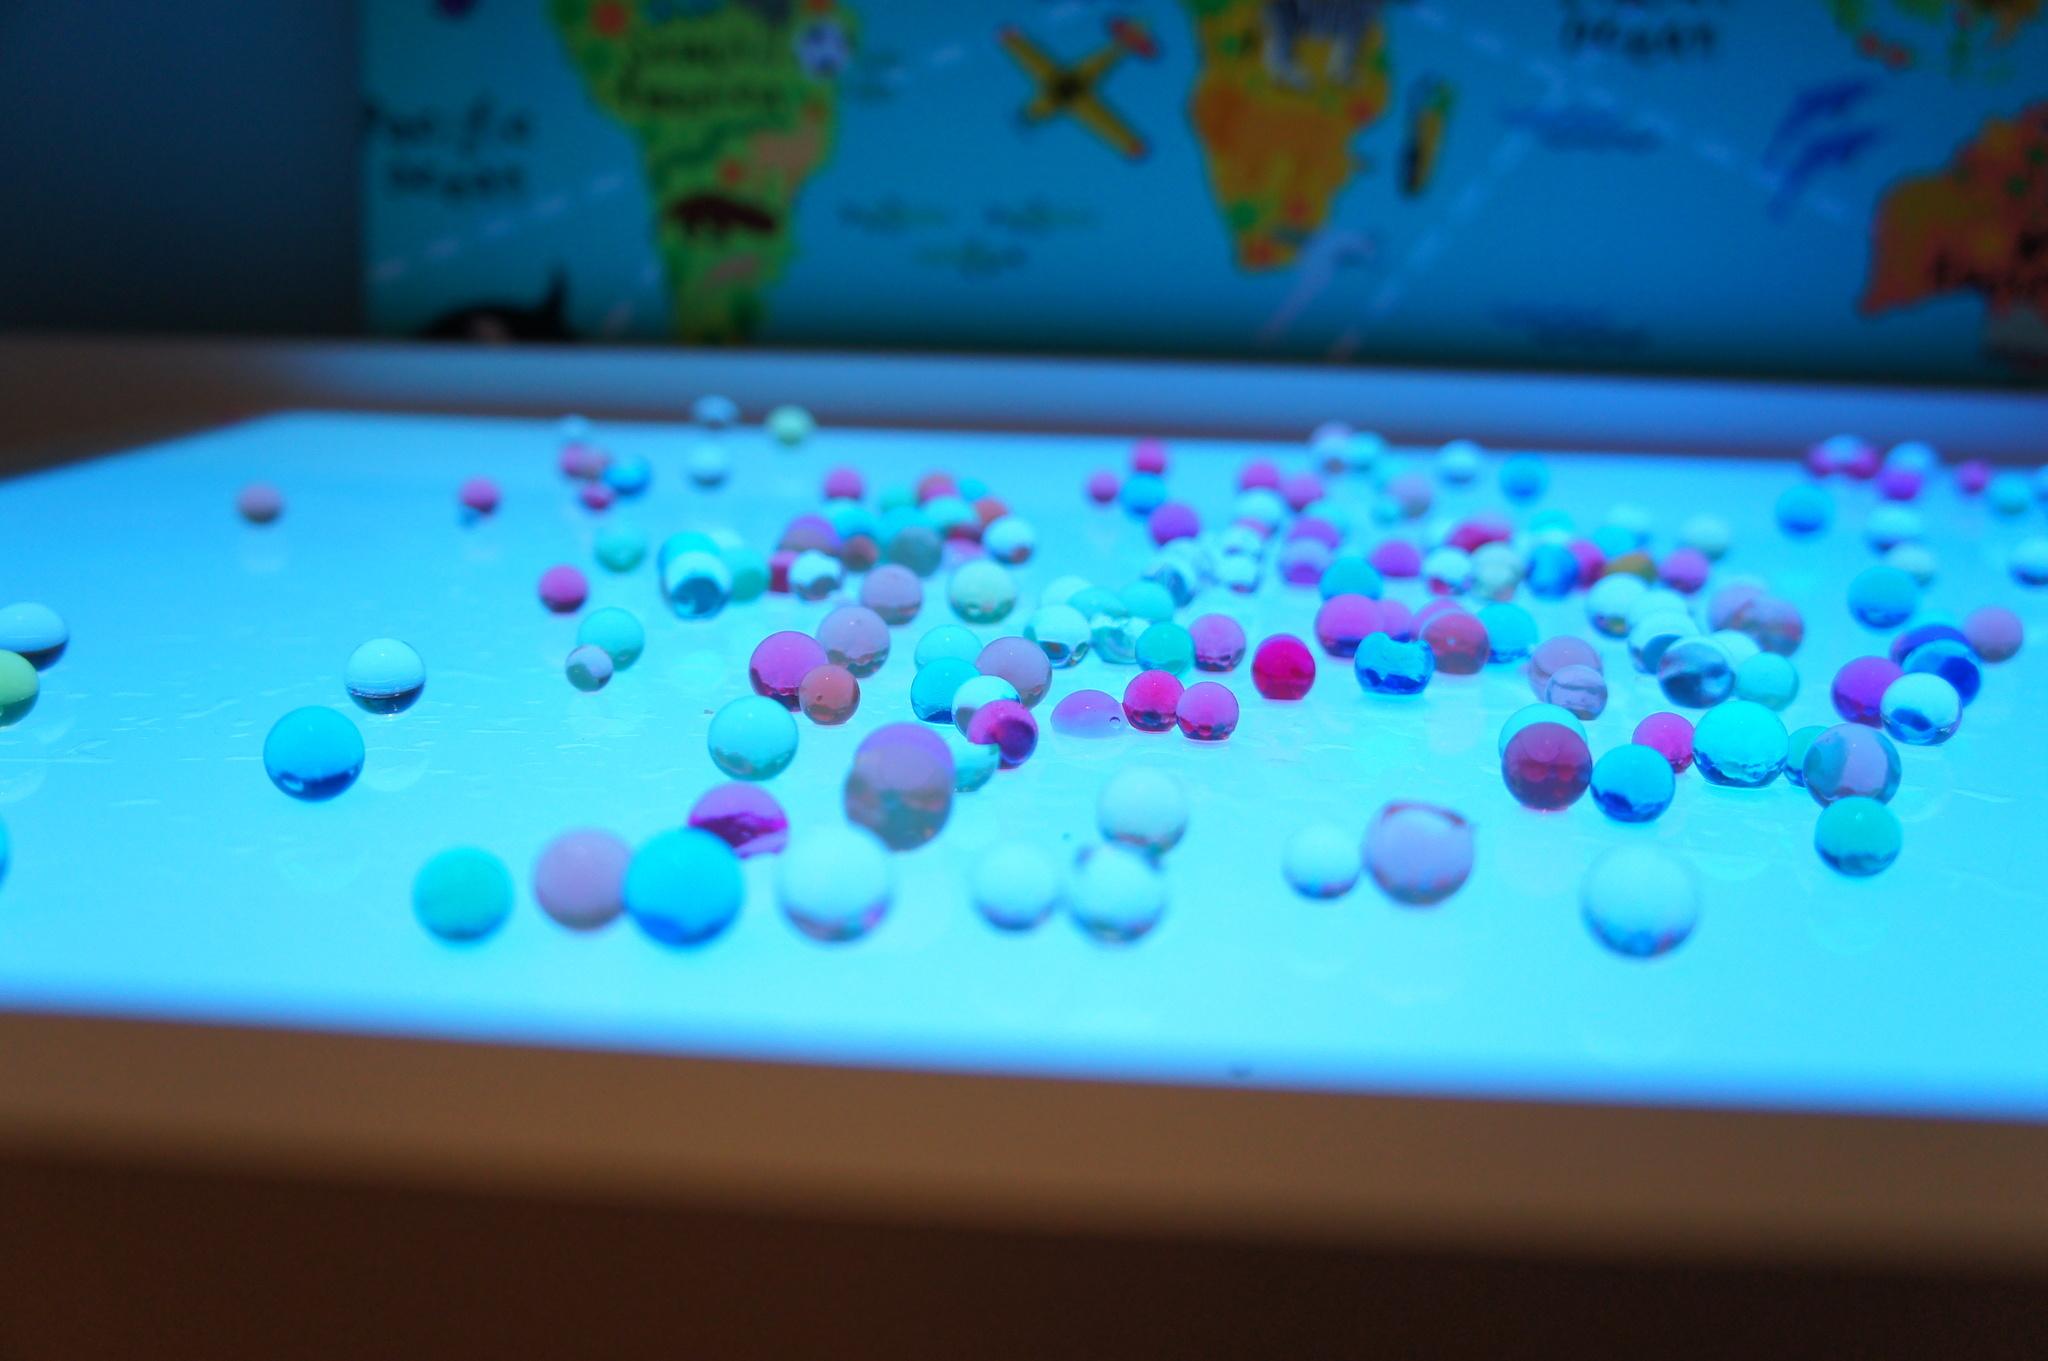 гидрогелевые шарики / шарики орбис / орбиз на световом столике Myplayroom.ru